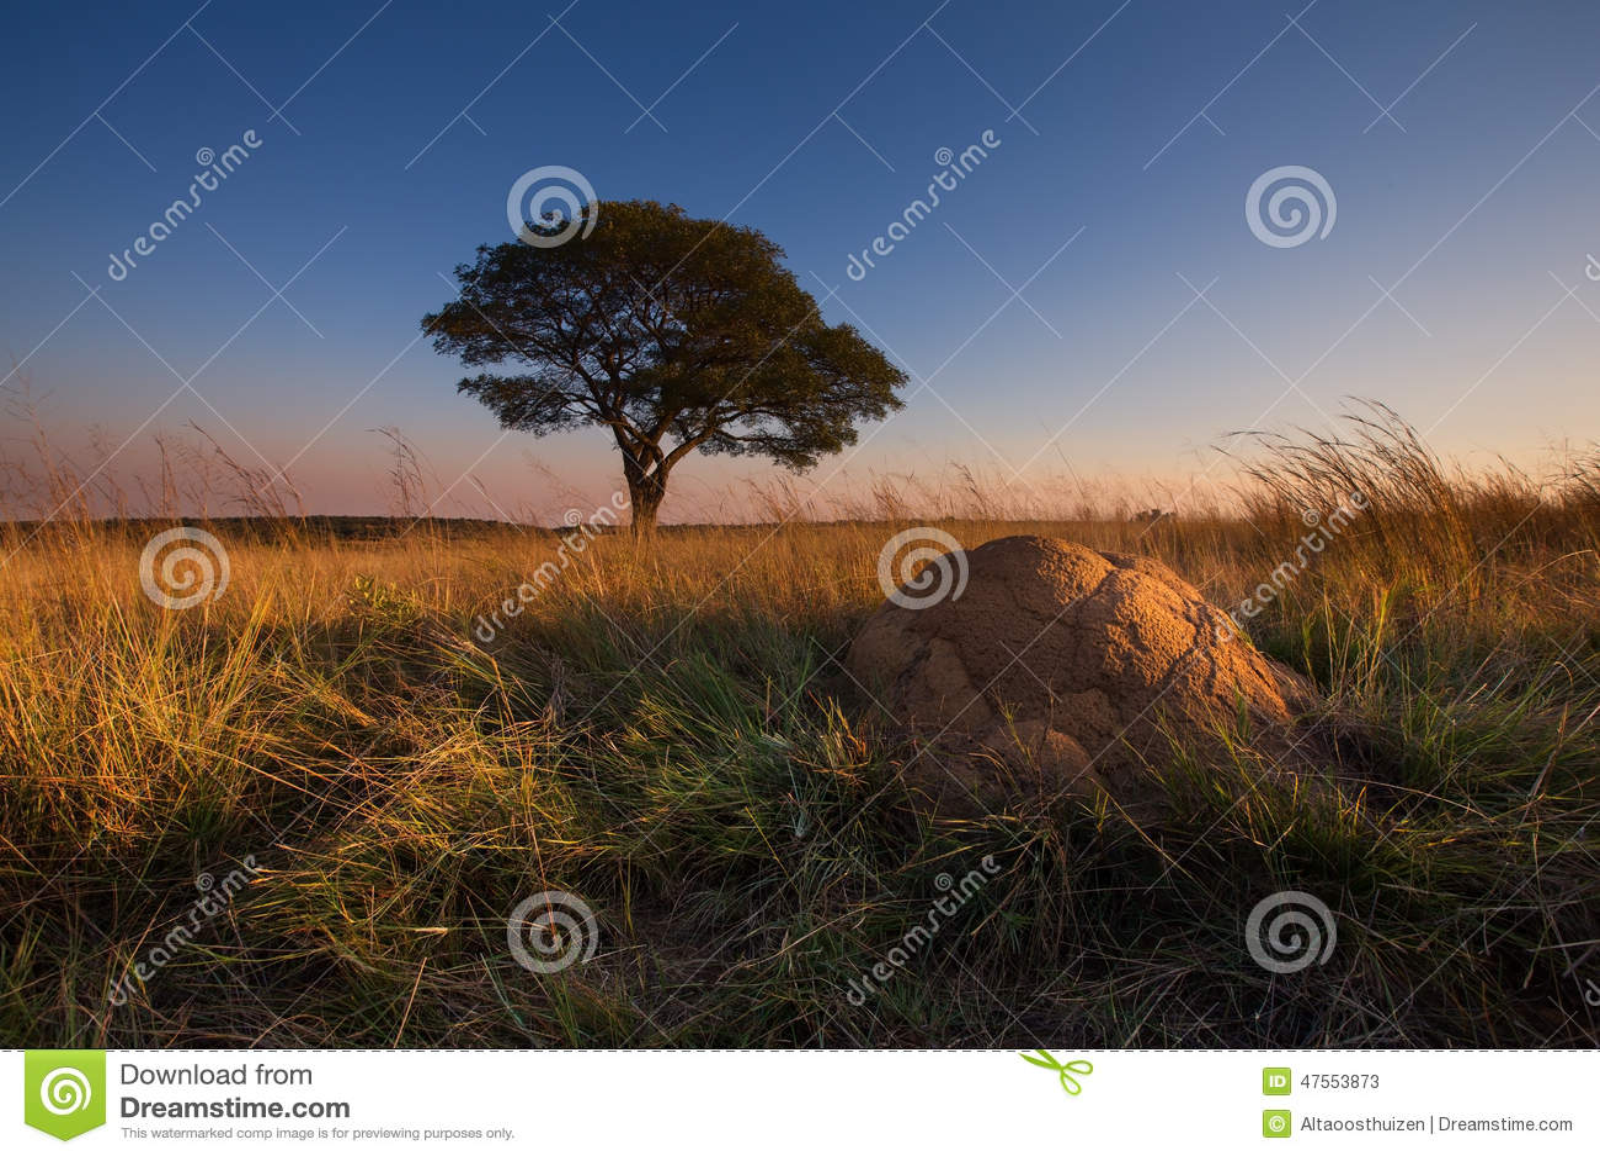 Puesta del sol mágica en África con un árbol solitario en la colina y ningunas nubes